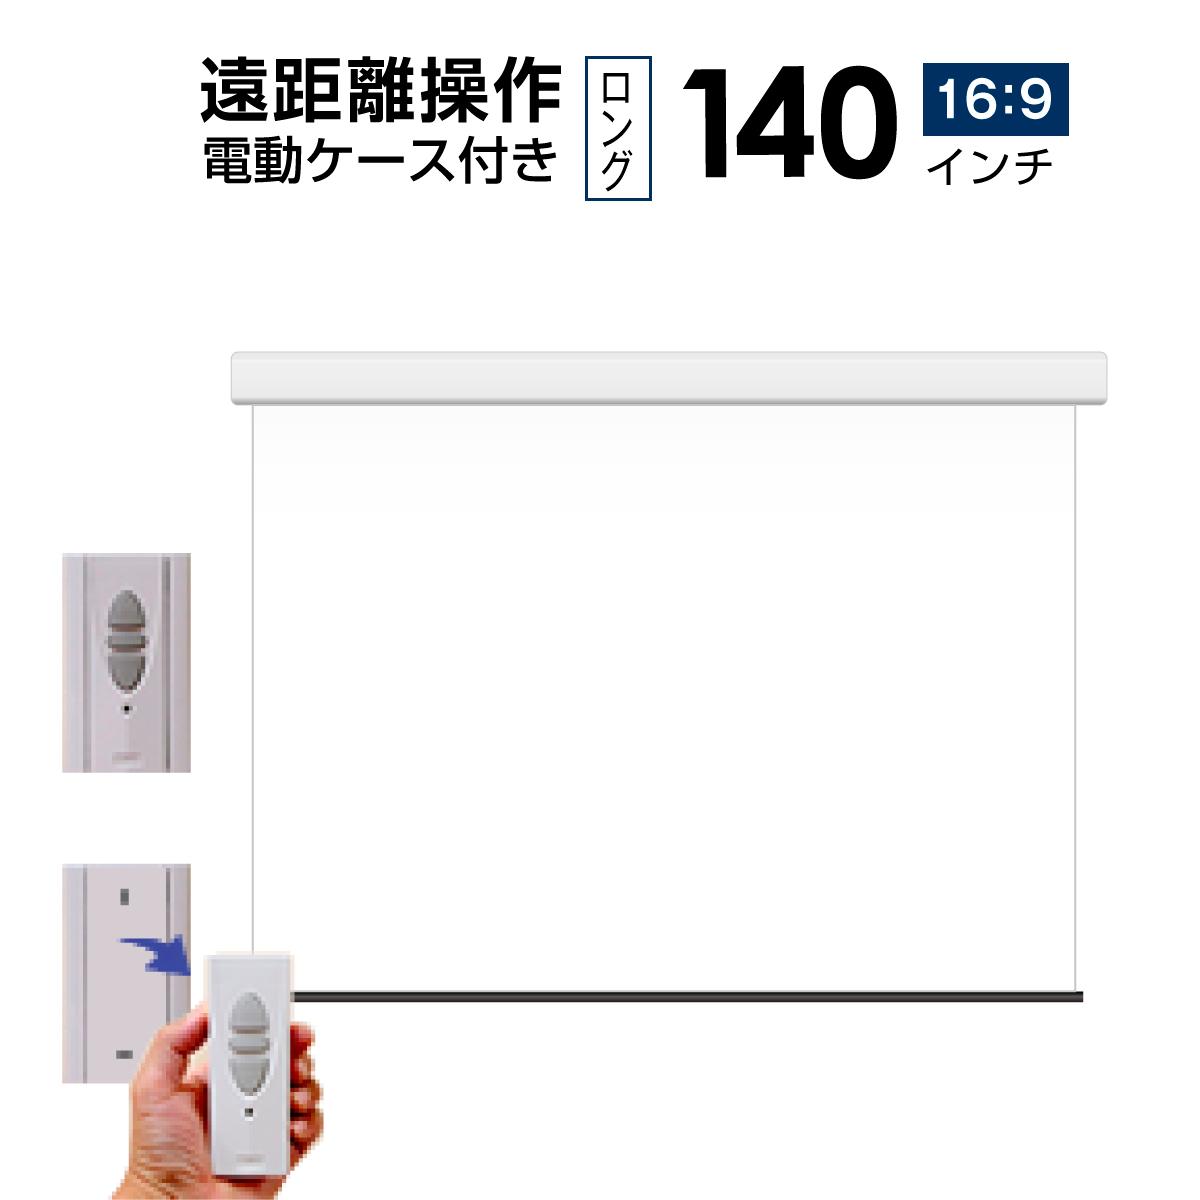 【正規通販】 プロジェクタースクリーン 電動遠距離ケース付きタイプ140インチ(16:9) マスクフリー WCR3100FEH-H4000, トップランド 3a914941